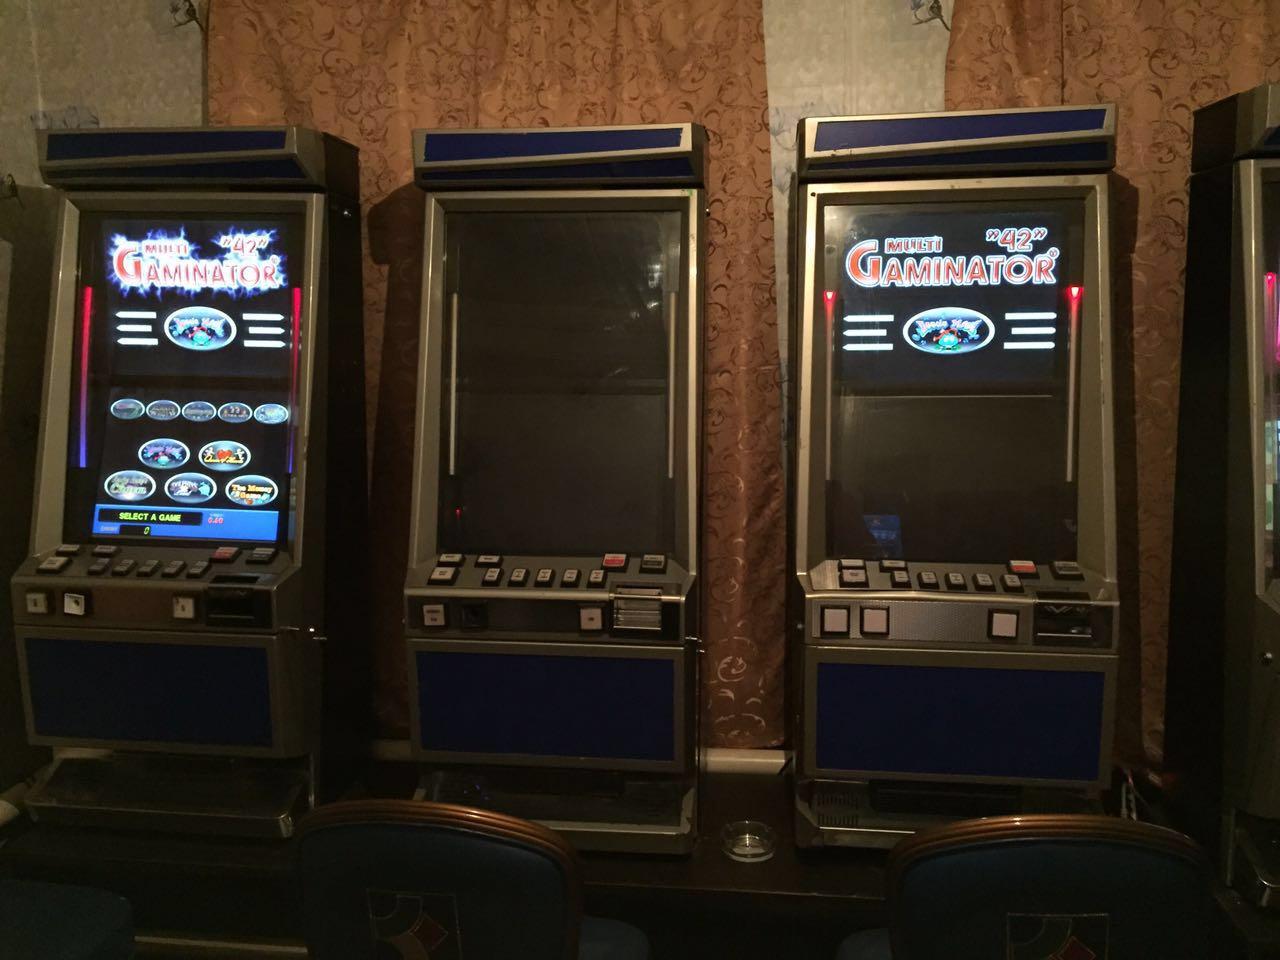 Незаконно установили игровые автоматы играйте онлайн казино игри безплатно